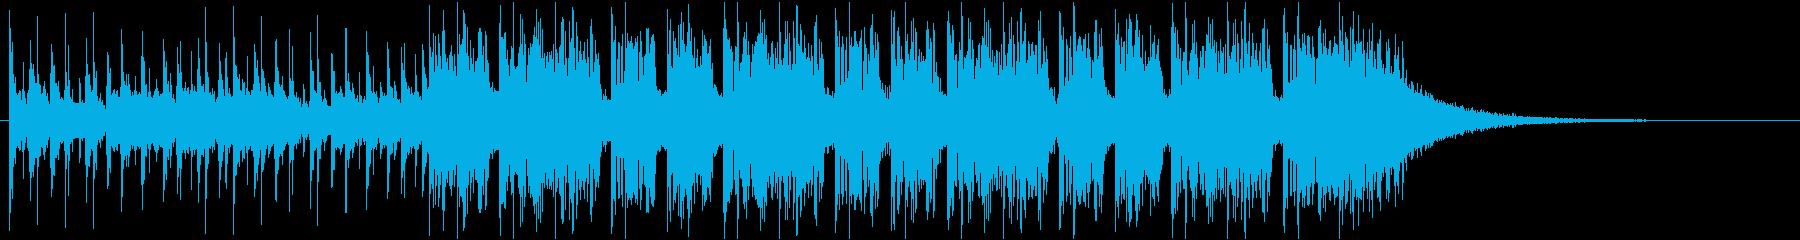 怪しいシンセの使いやすい30秒CM用の再生済みの波形